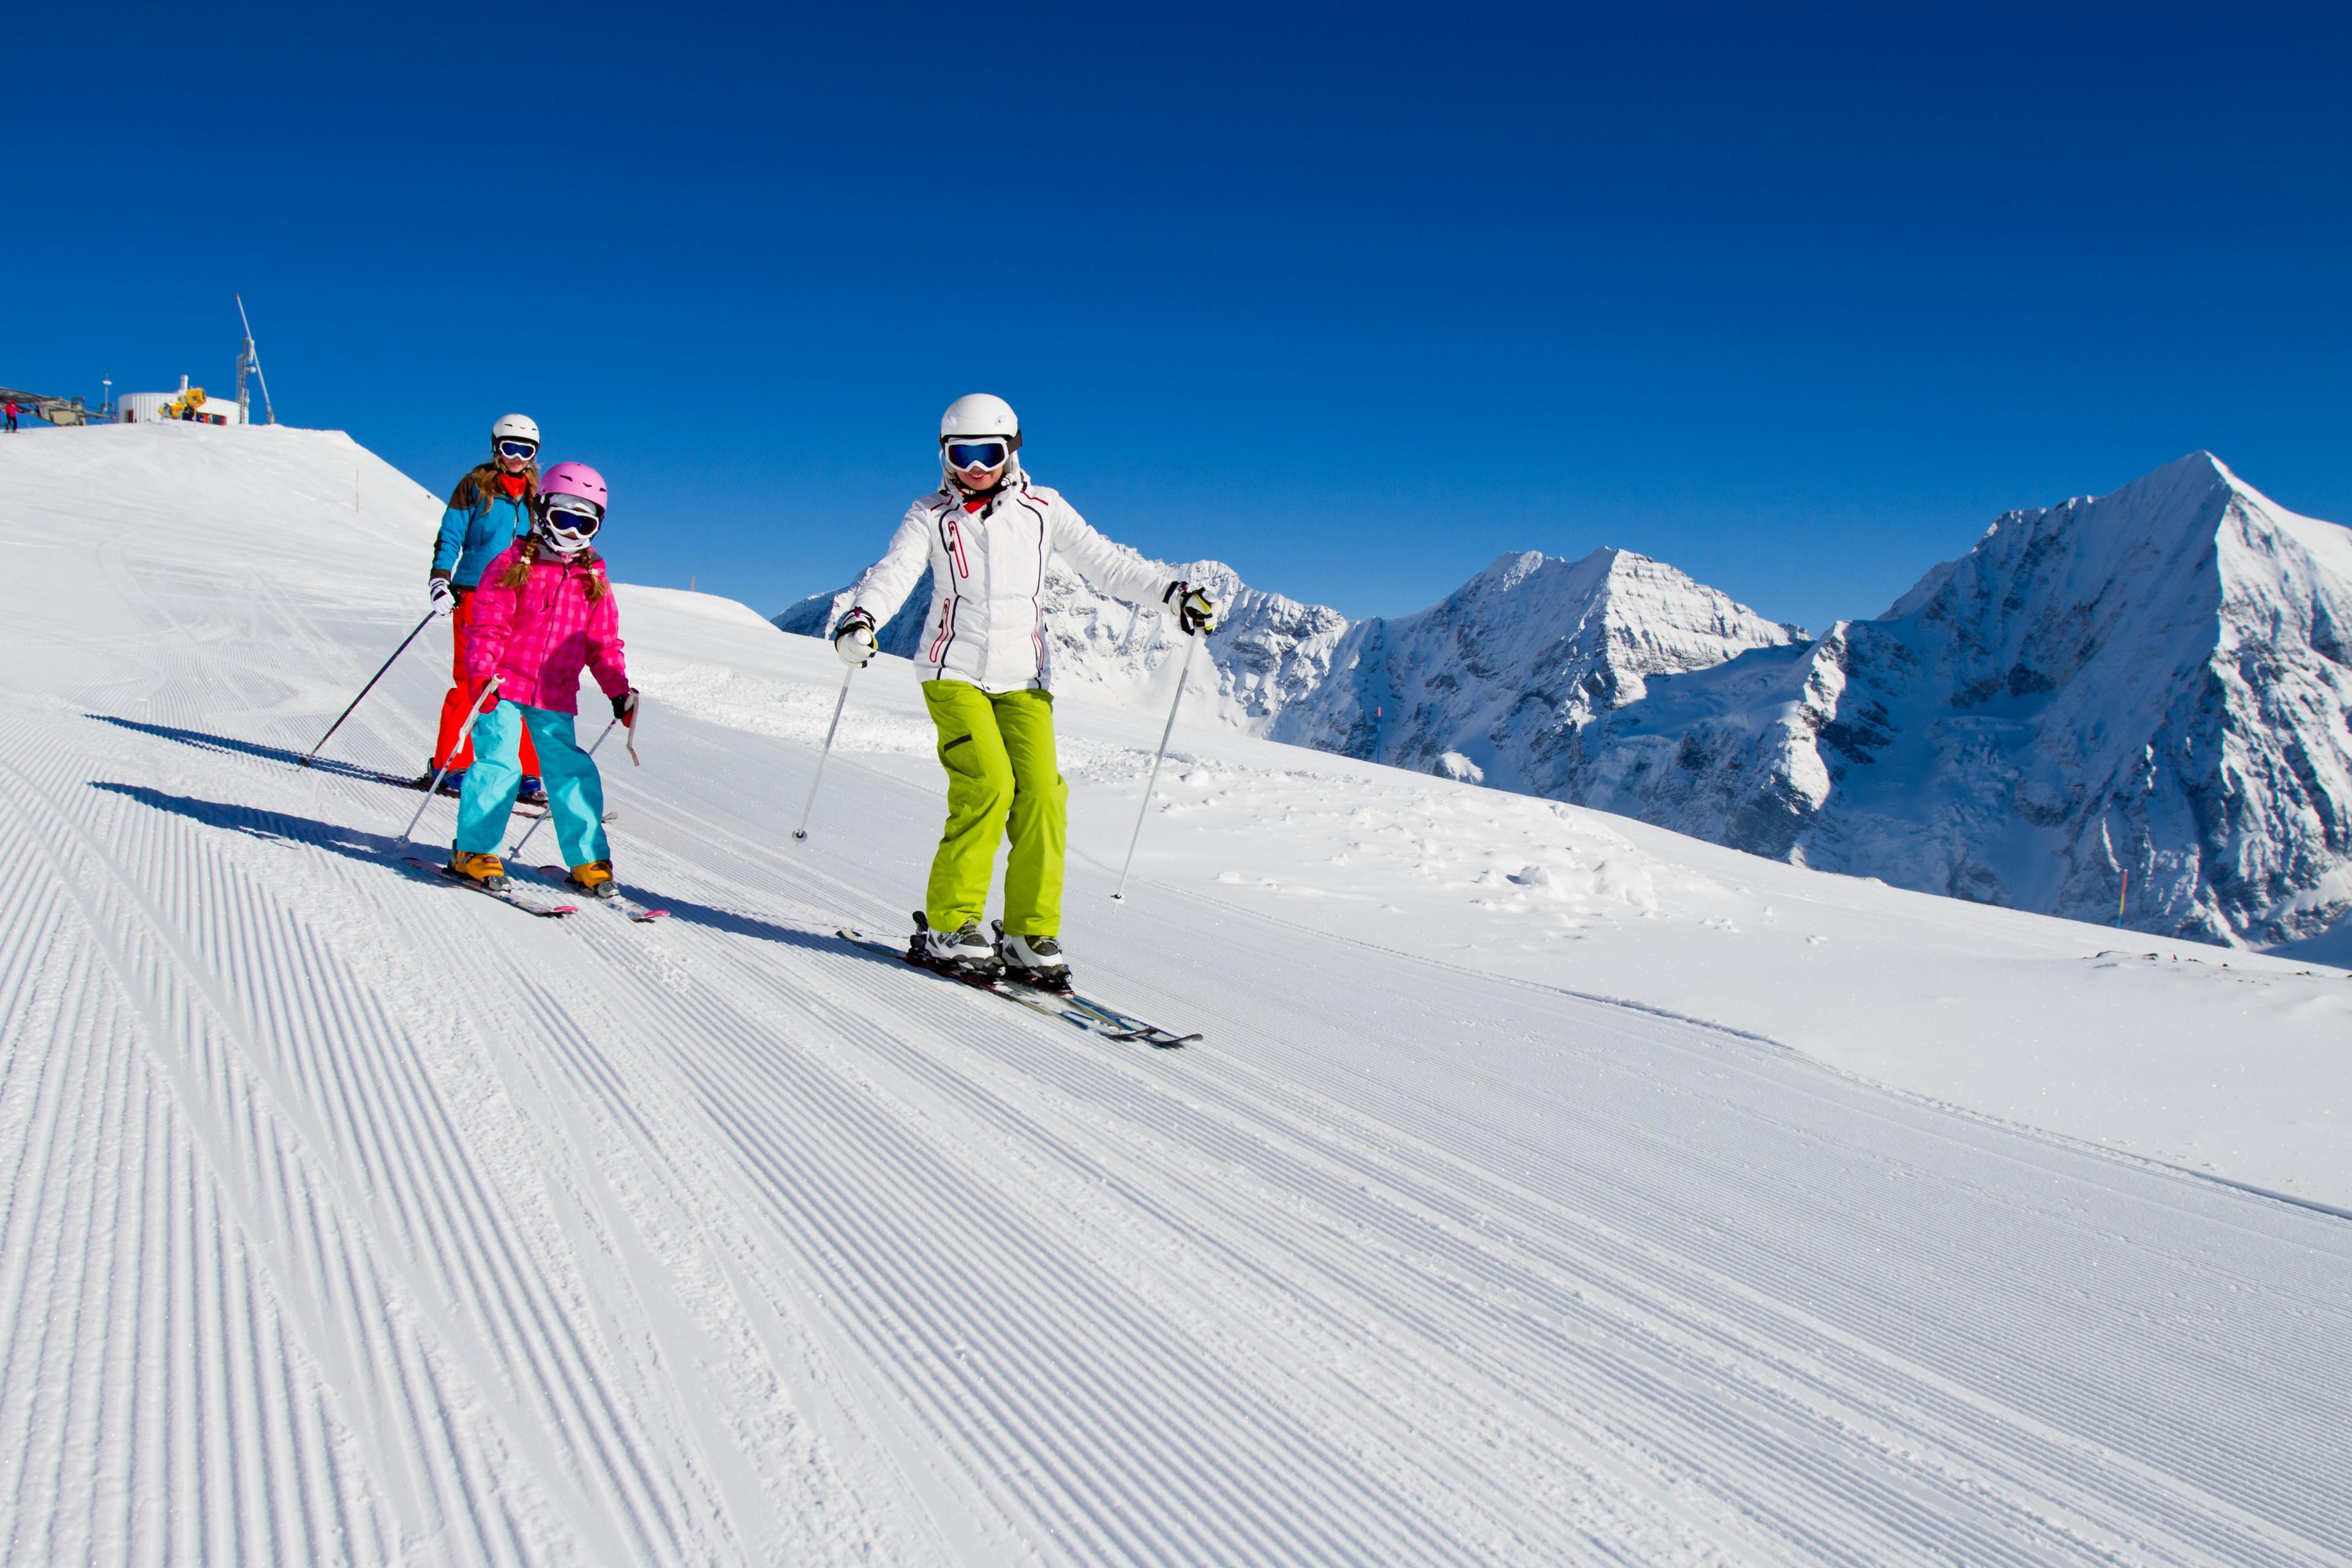 Cours de ski Ados (13-17 ans) - Arc 1950